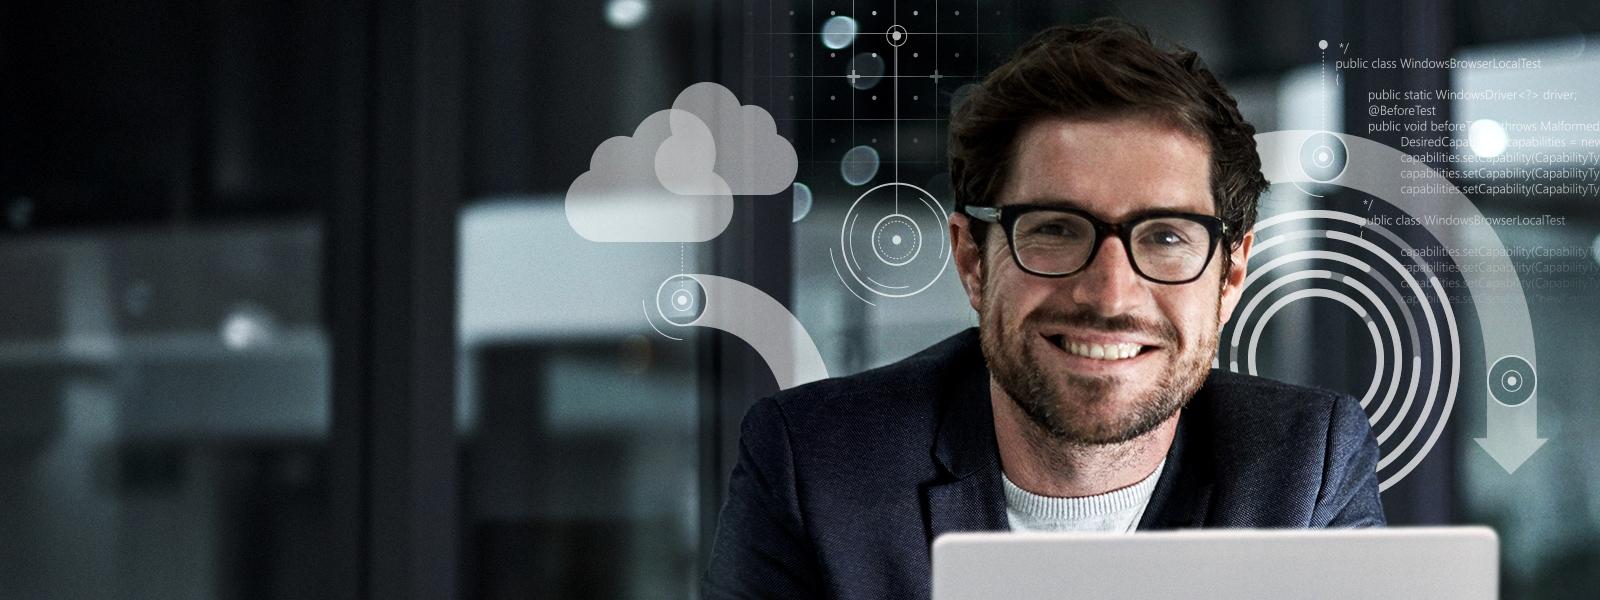 Hombre sonriente rodeado de ilustraciones tecnológicas